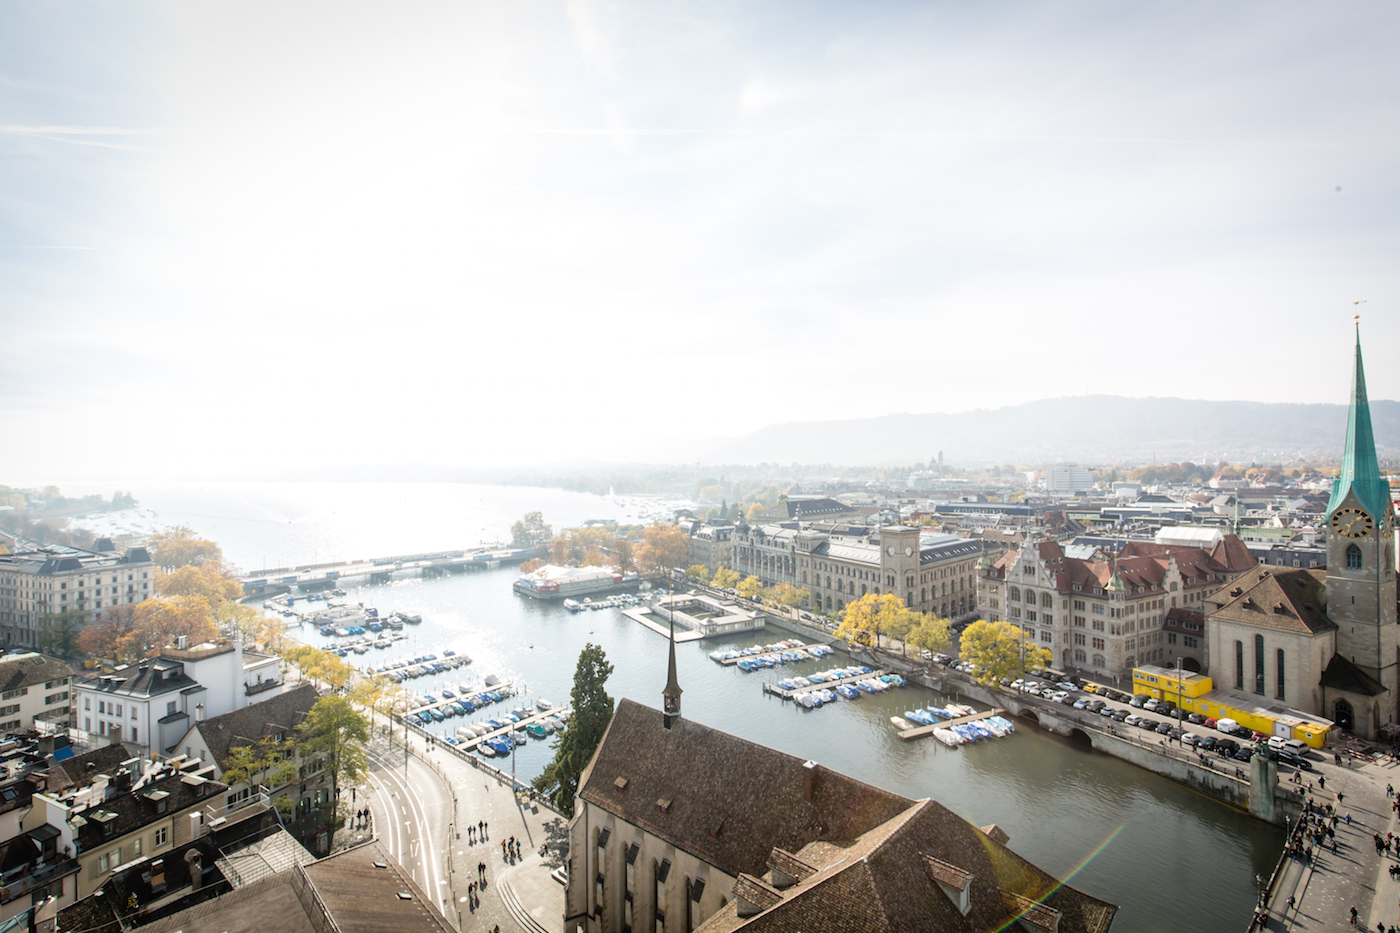 VICO Profiles in Zurich - Joey van Dongen